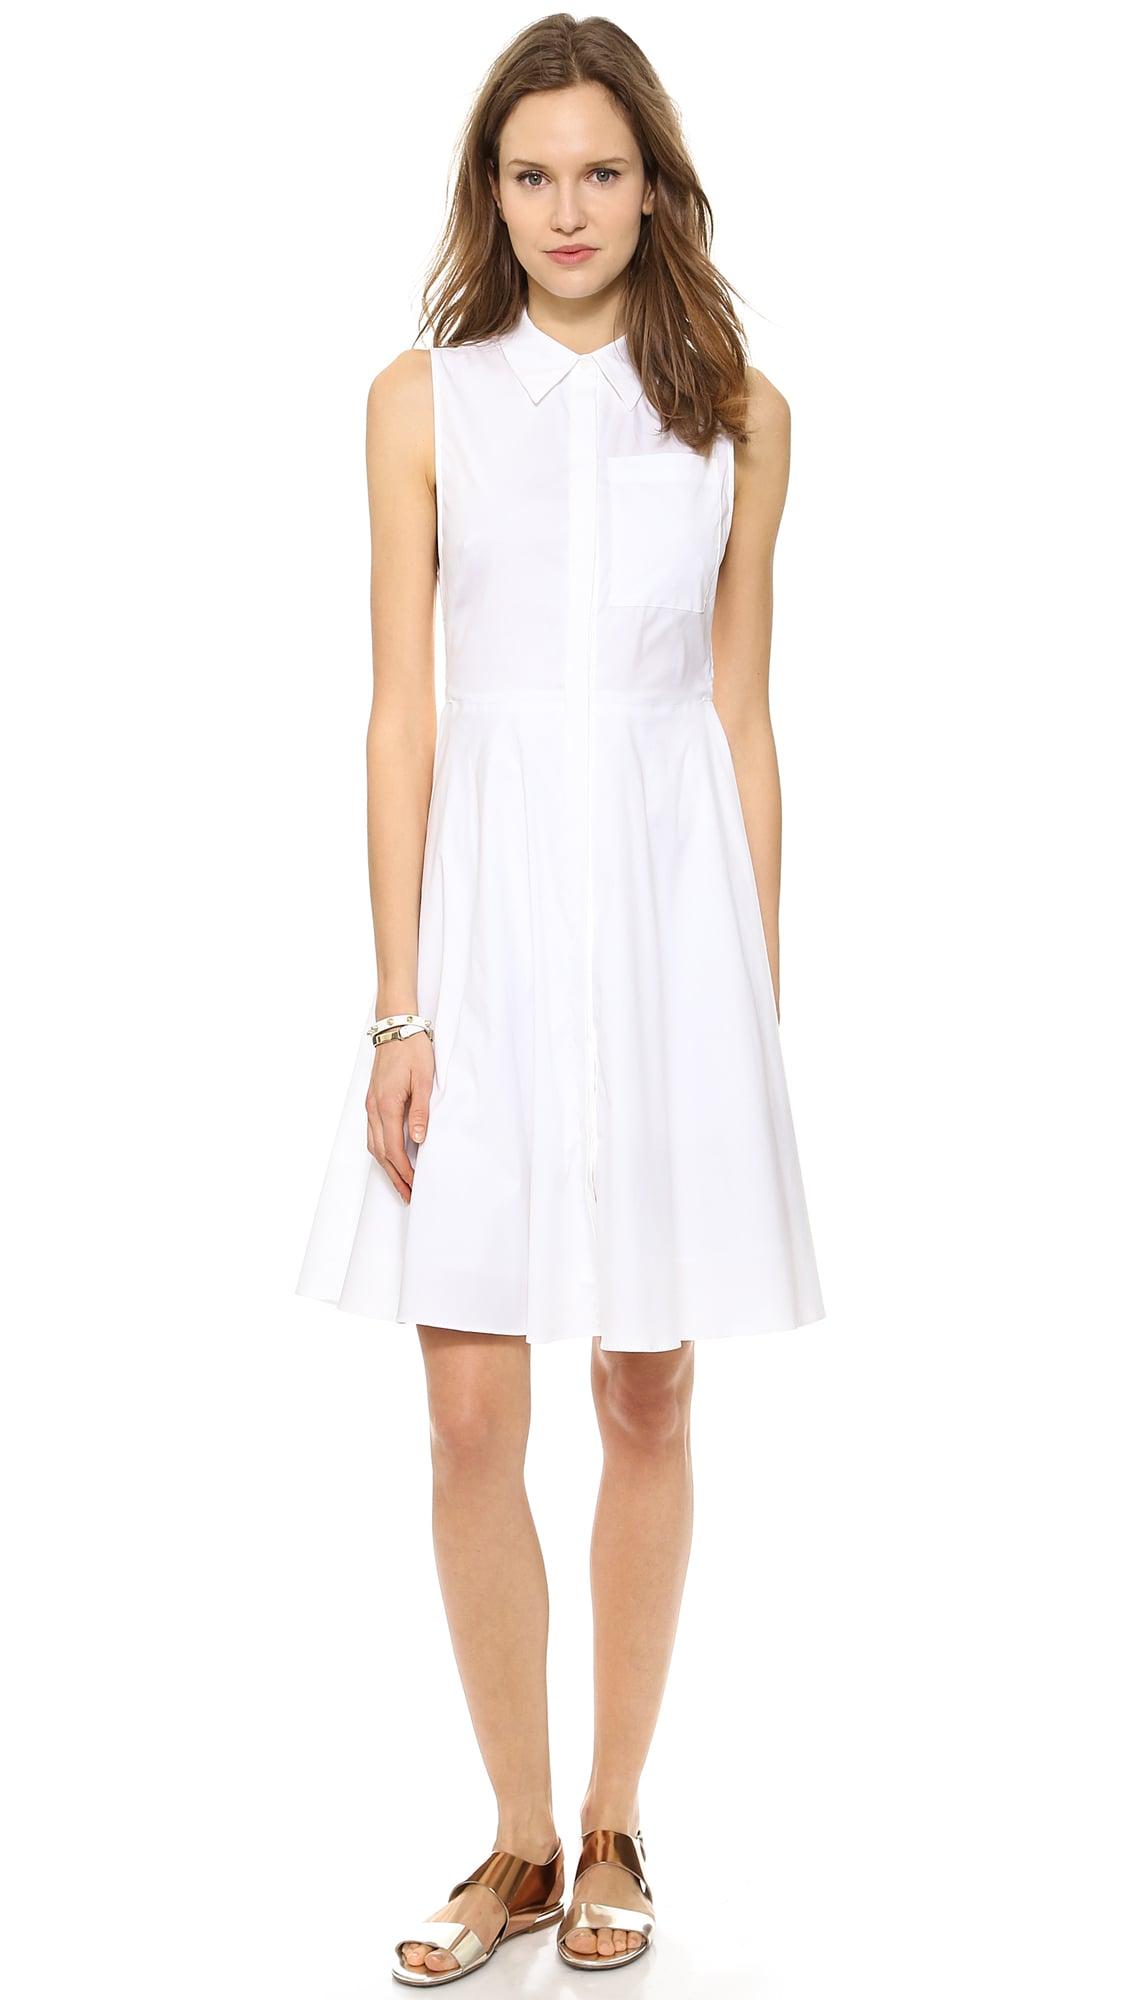 A.L.C. White Shirtdress